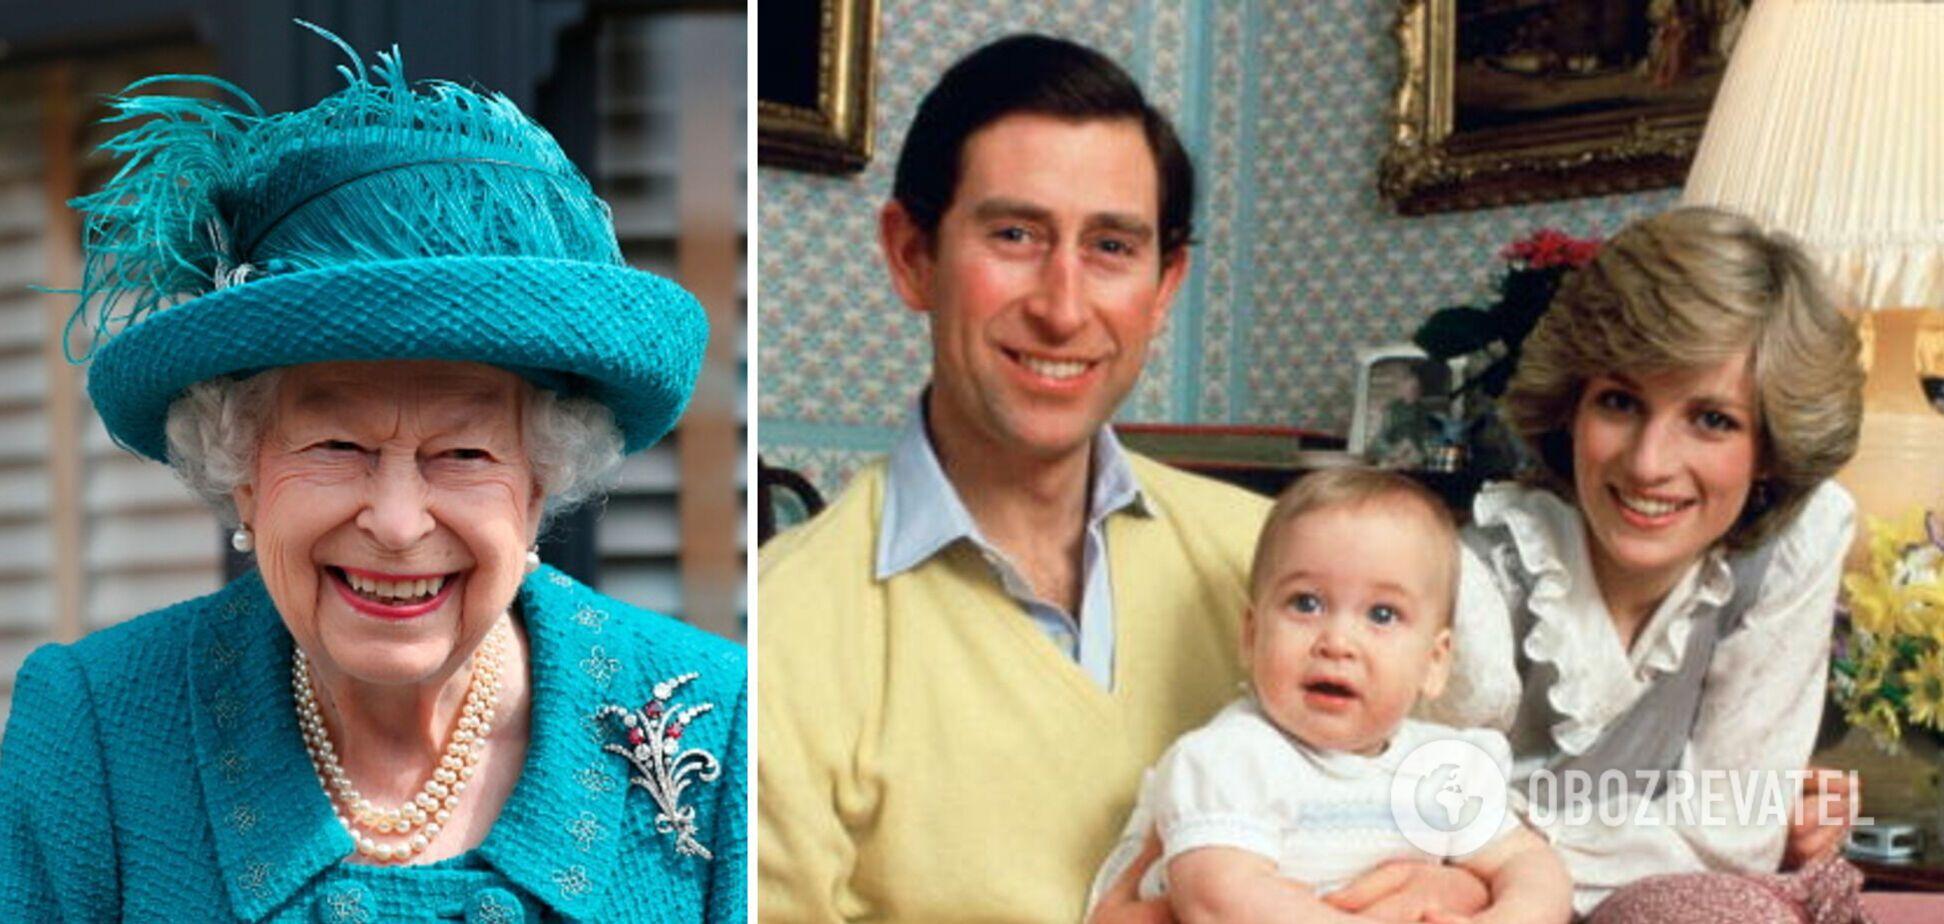 В сети вспомнили, как Елизавета II пошутила над принцем Чарльзом